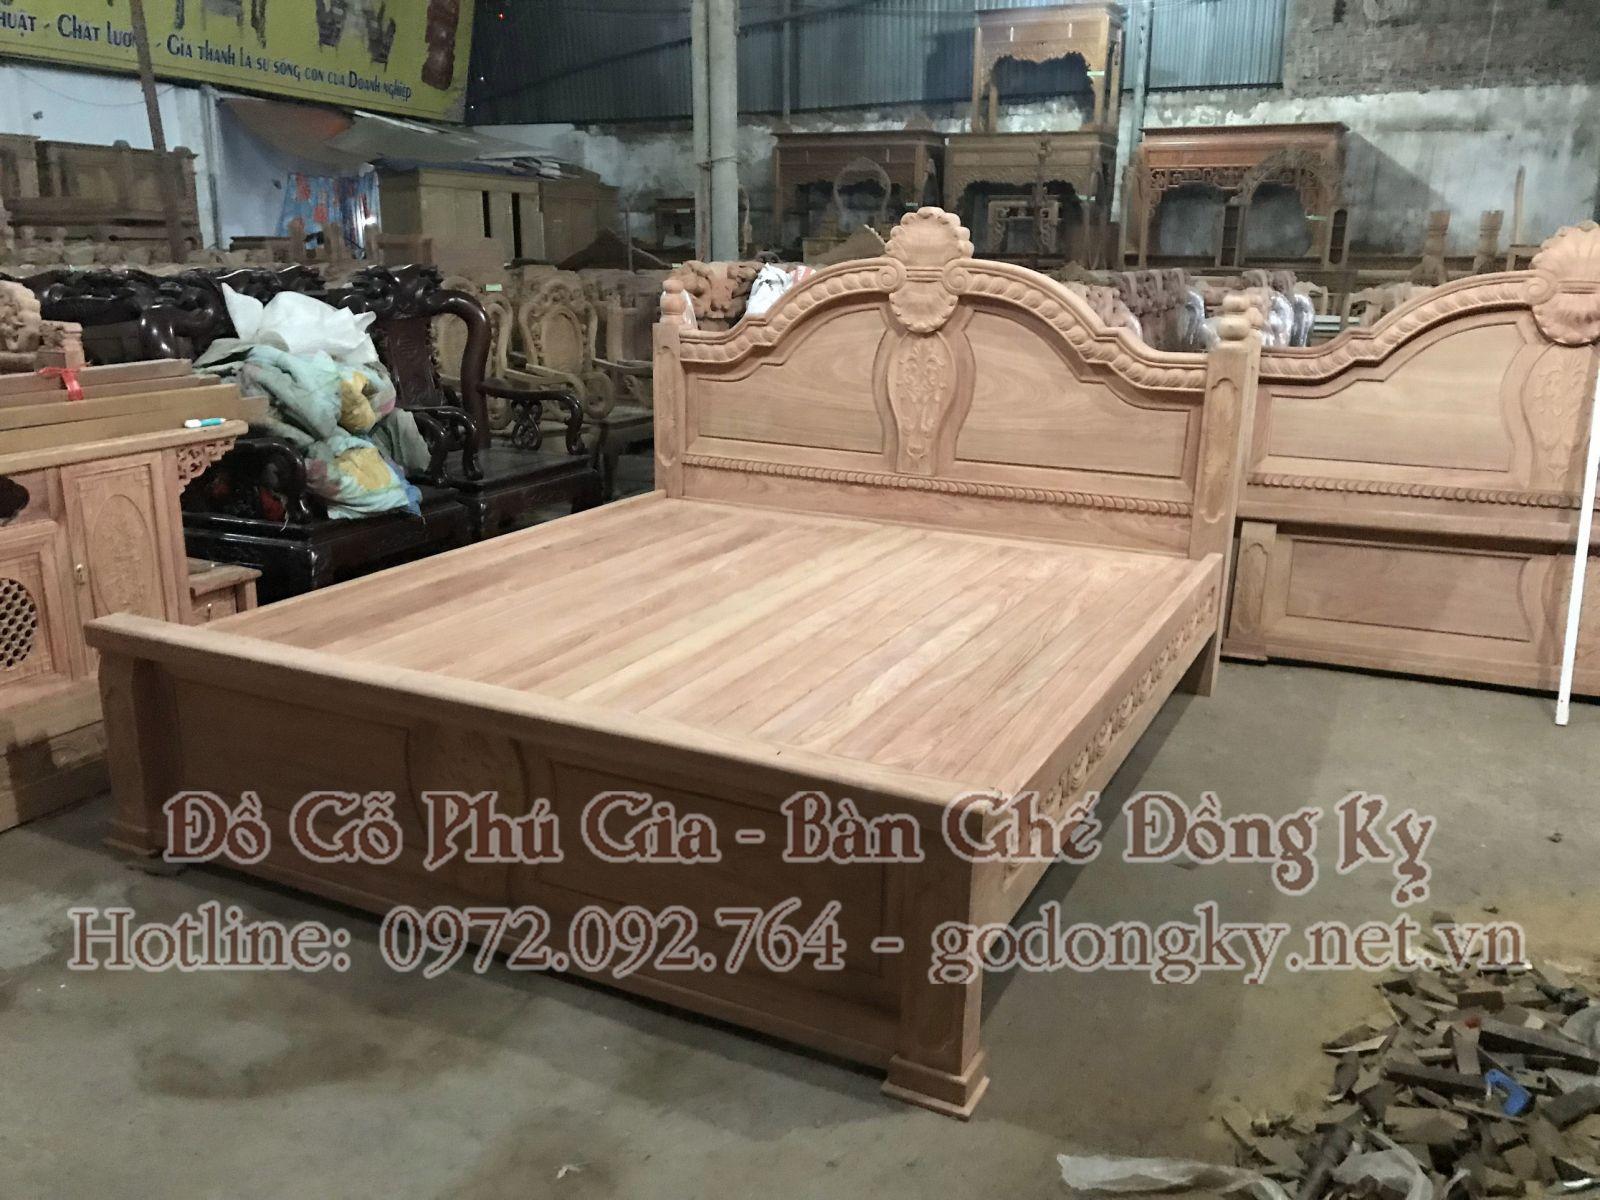 giường ngủ đồ gỗ đồng kỵ 19